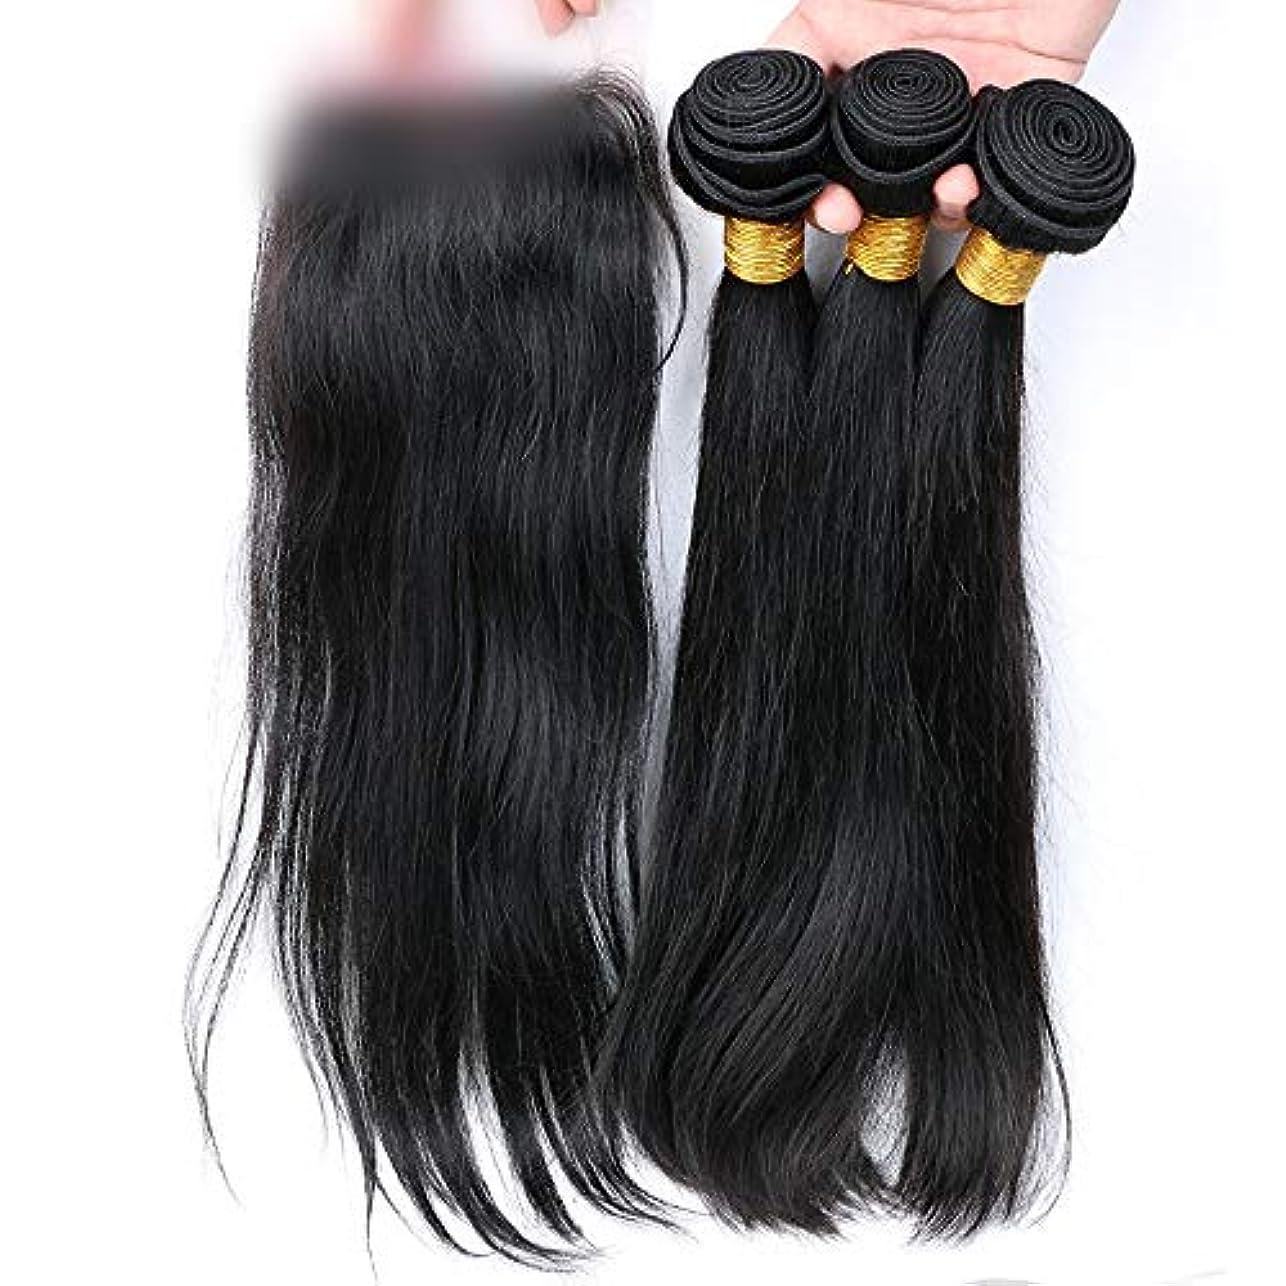 エクスタシー偏見宿泊施設HOHYLLYA ブラジルストレートヘア100%本物の人間の髪の毛の拡張子レース前頭閉鎖自然に見える合成髪レースかつらロールプレイングかつら (色 : 黒, サイズ : 14 inch)